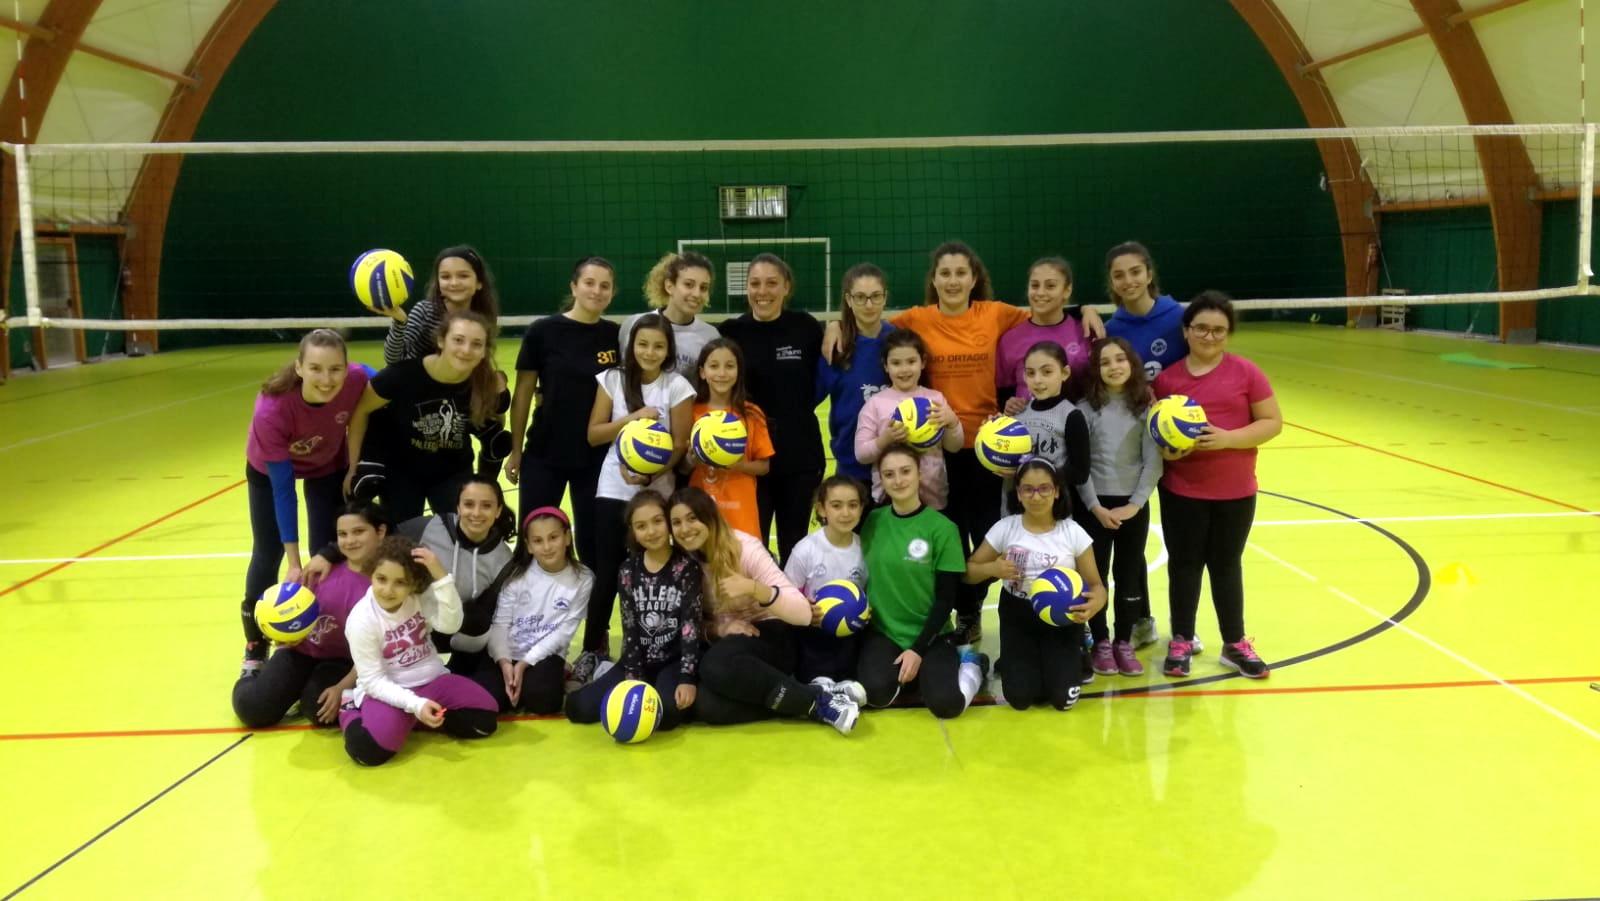 Volley, la Libertas riunisce grandi e piccine: la prima squadra con le Under 12